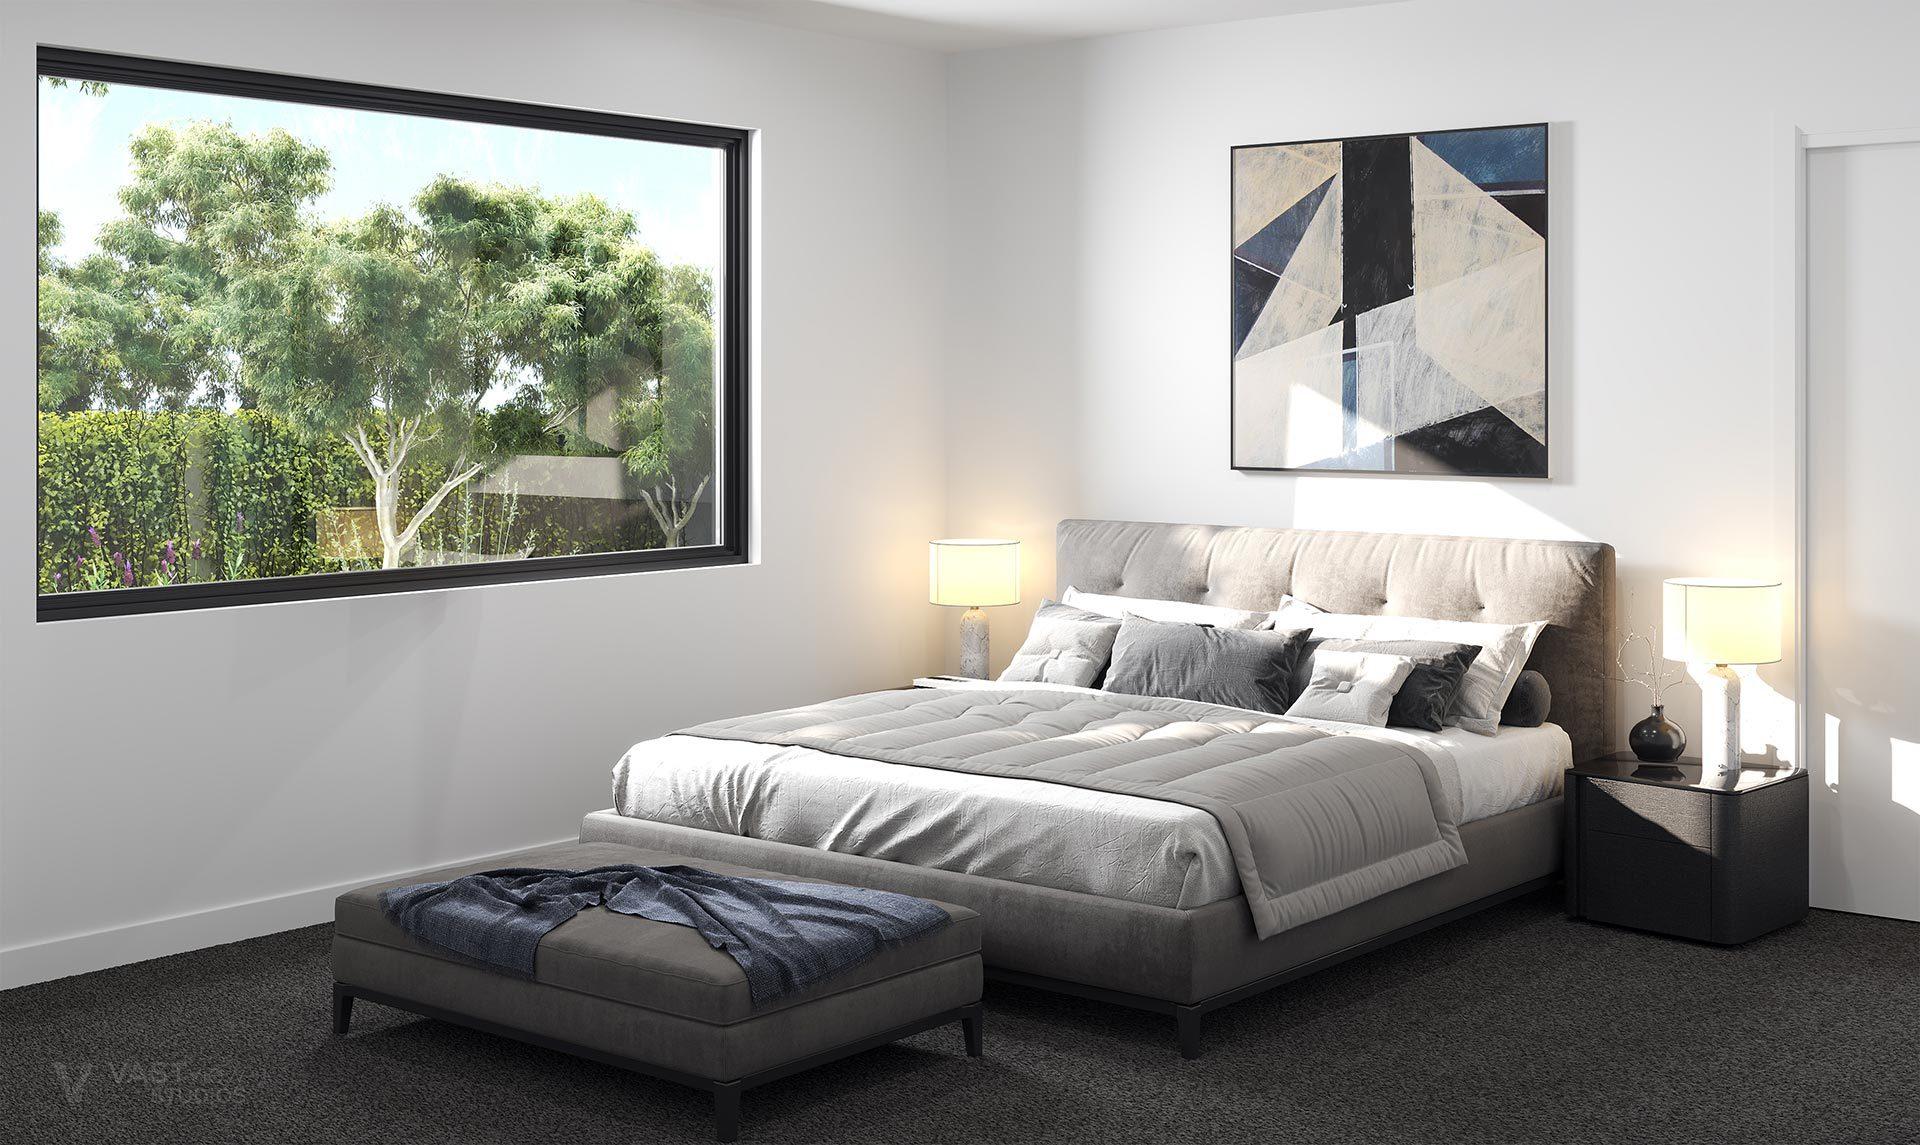 KennedySt_Bedroom_FinalRender_v1.0